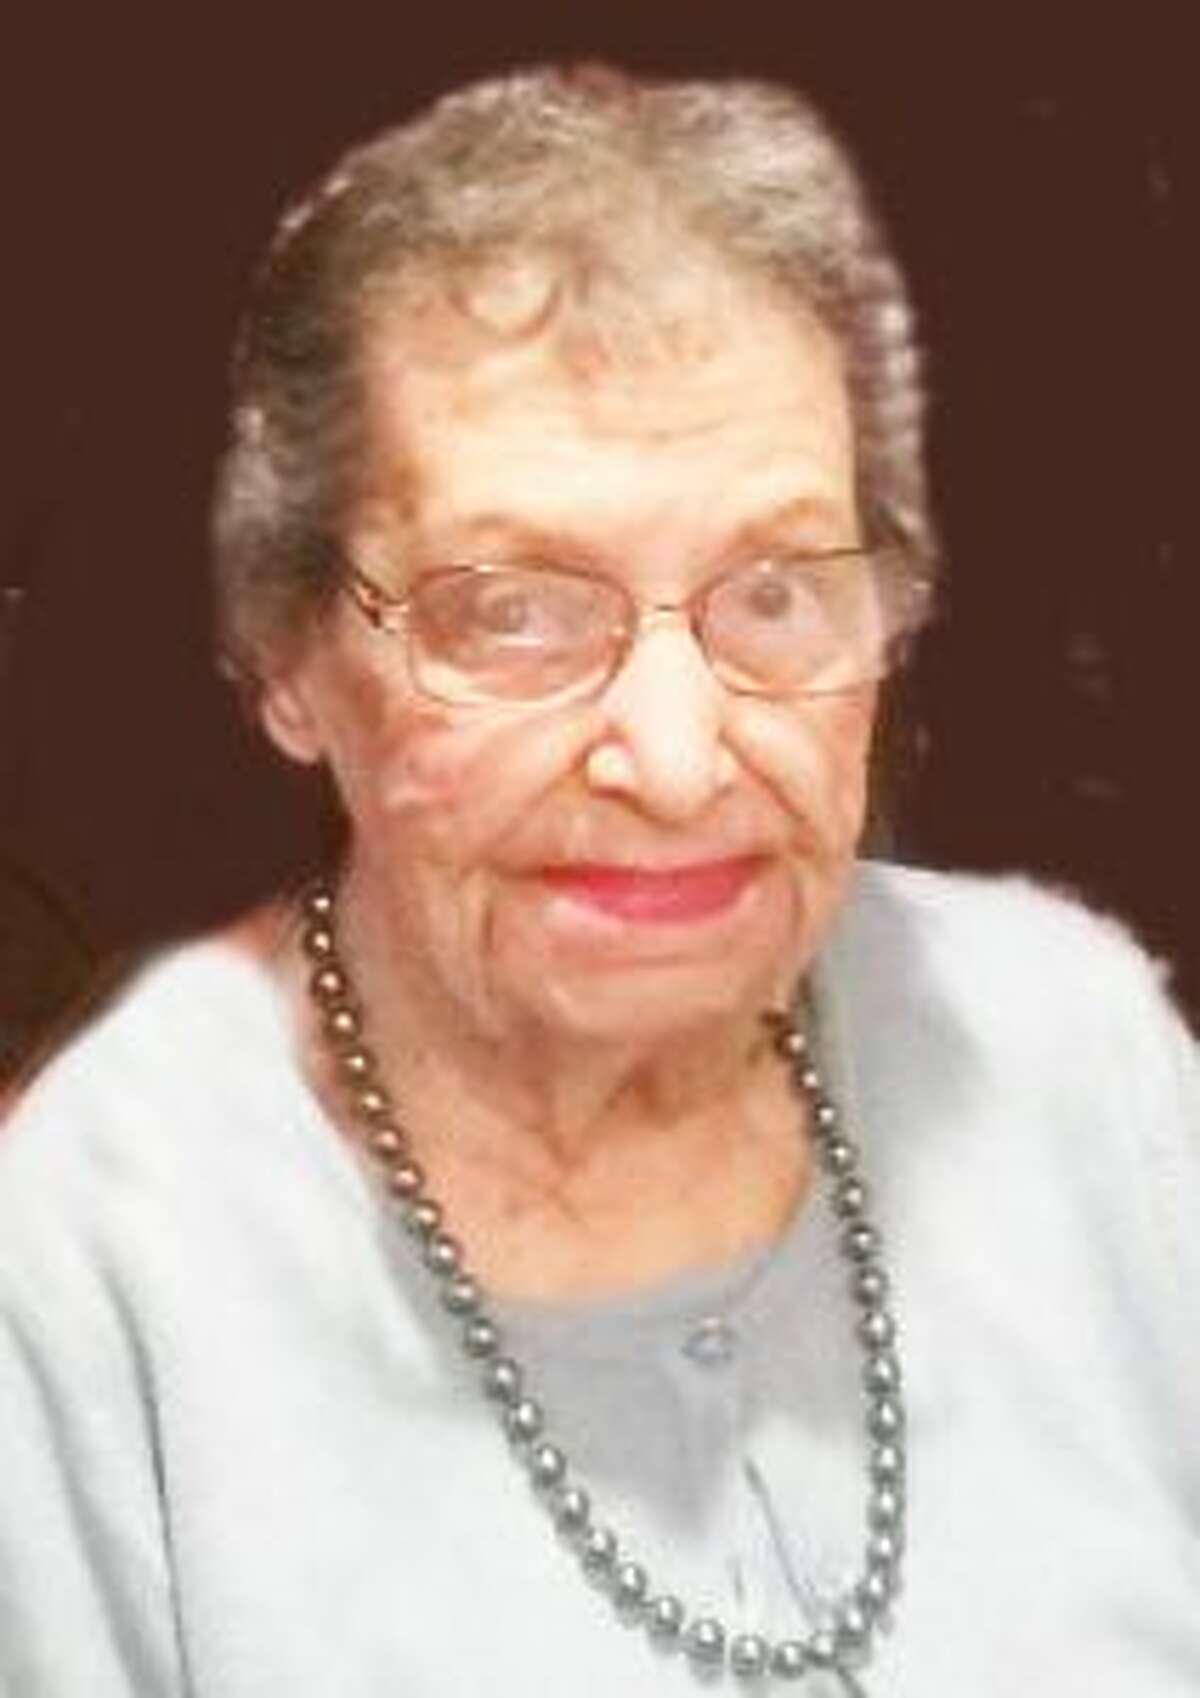 Doris C. Seman Mosessian